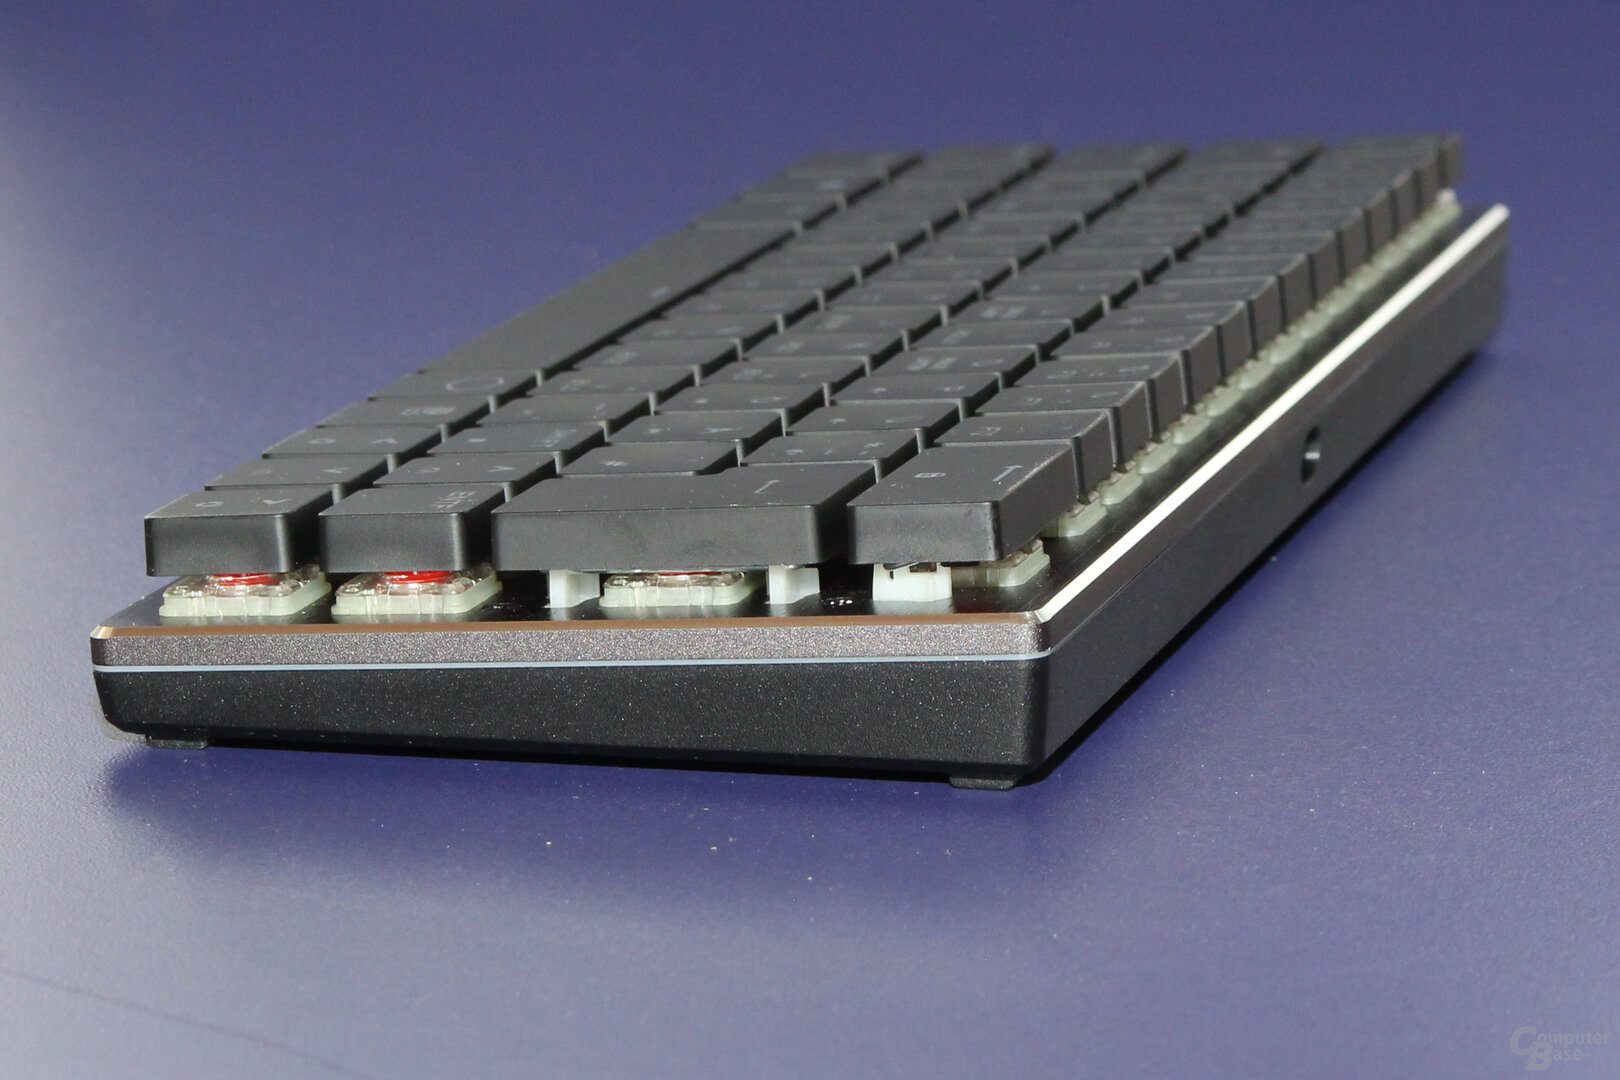 Mit X° bleibt die Tastatur flach